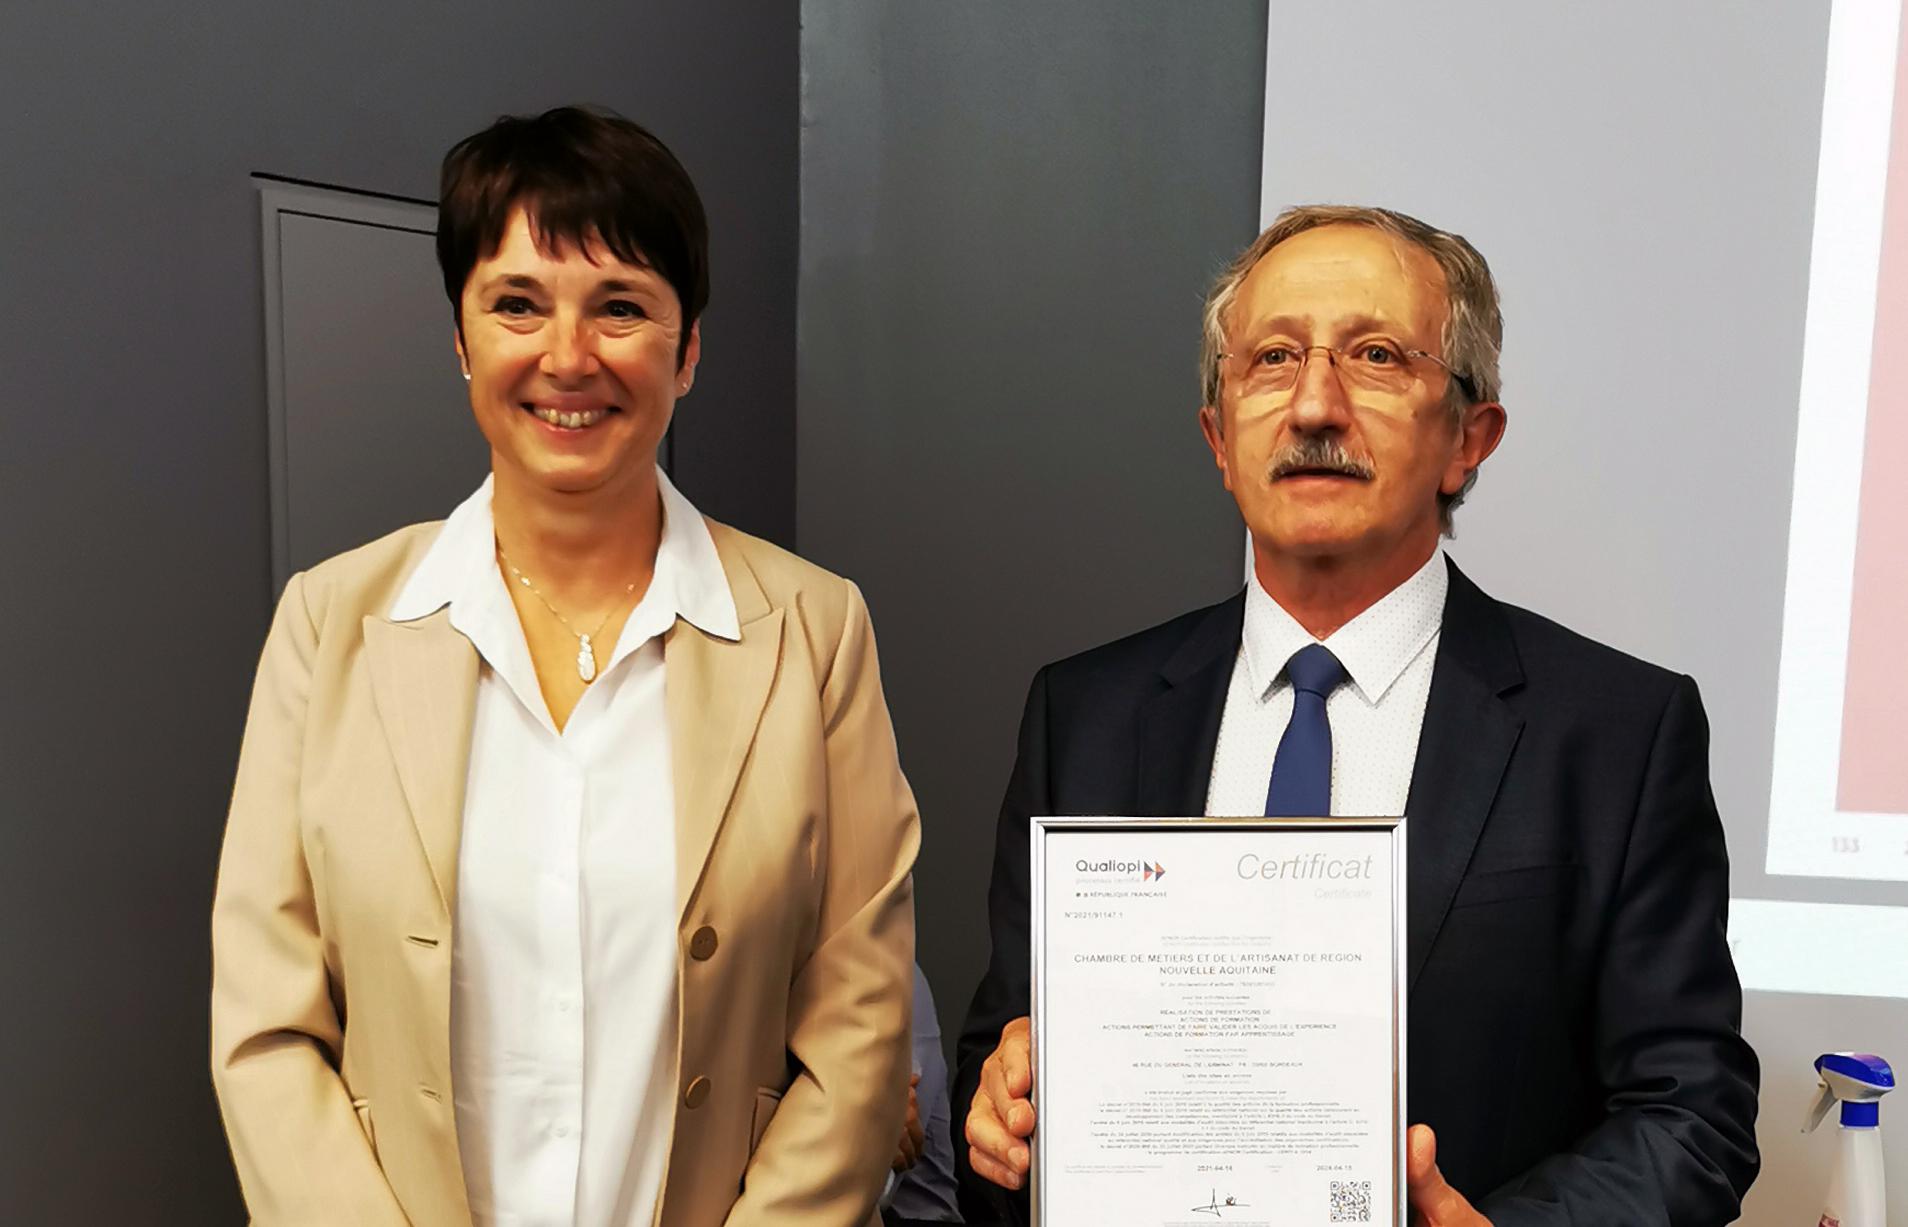 Le 25 juin 2021, Muriel Lacroix, déléguée régionale Groupe AFNOR a officiellement remis la CERTIFICATION QUALIOPI au président Jean-Pierre GROS à l'occasion de l'assemblée générale de la CMA Nouvelle-Aquitaine.